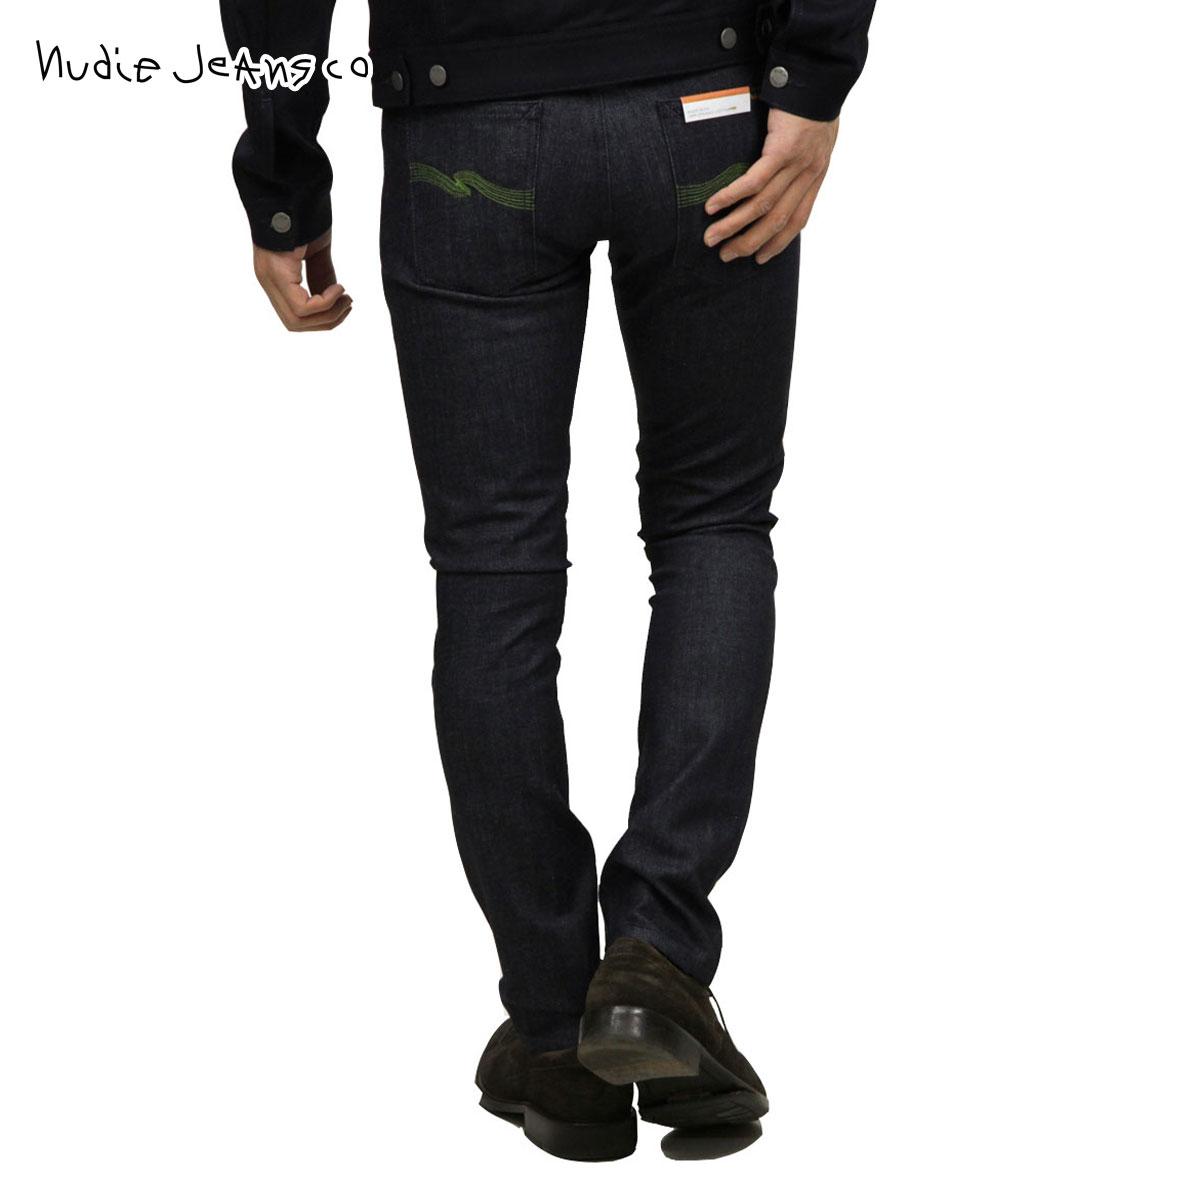 ヌーディージーンズ Nudie Jeans 正規販売店 メンズ ジーンズ リーンディーン LEAN DEAN JEANS DRY GREEN 979 1129750